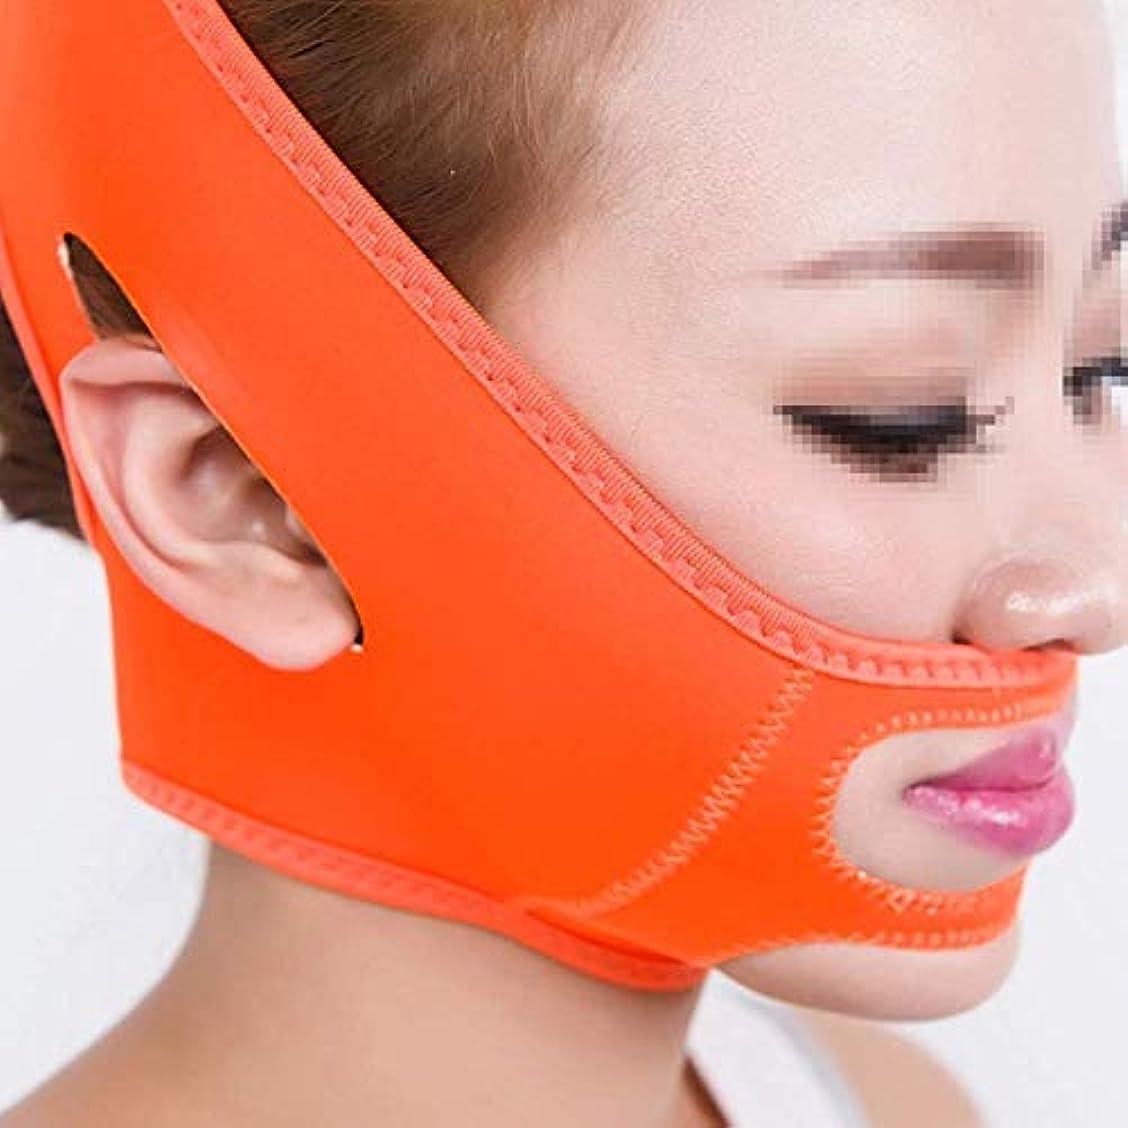 災害維持する十薄いフェイスベルト、Vフェイス、スリープマスク包帯、リフティングフェイス、ダブルチンフェイスマスク、マルチカラーオプション(色:オレンジ)